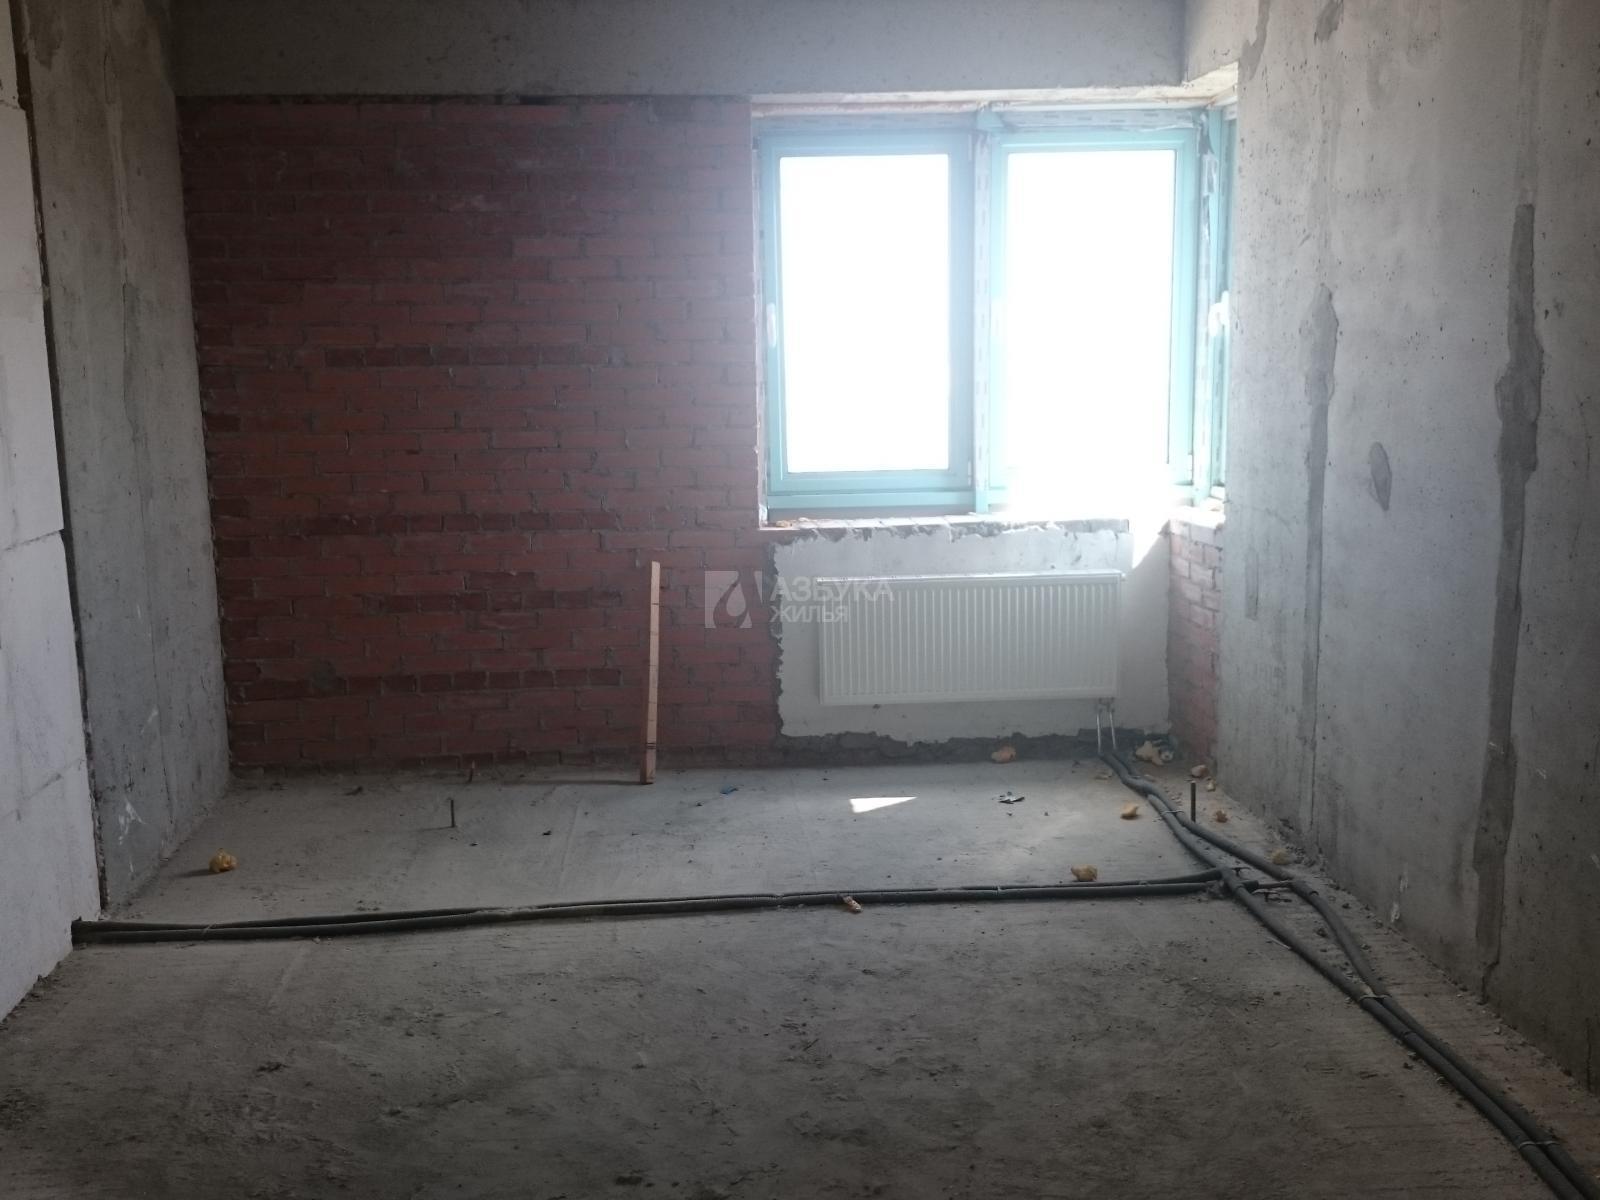 Фото №3 - 2-комнатная квартира, Москва, Михневская улица 8, метро Царицыно